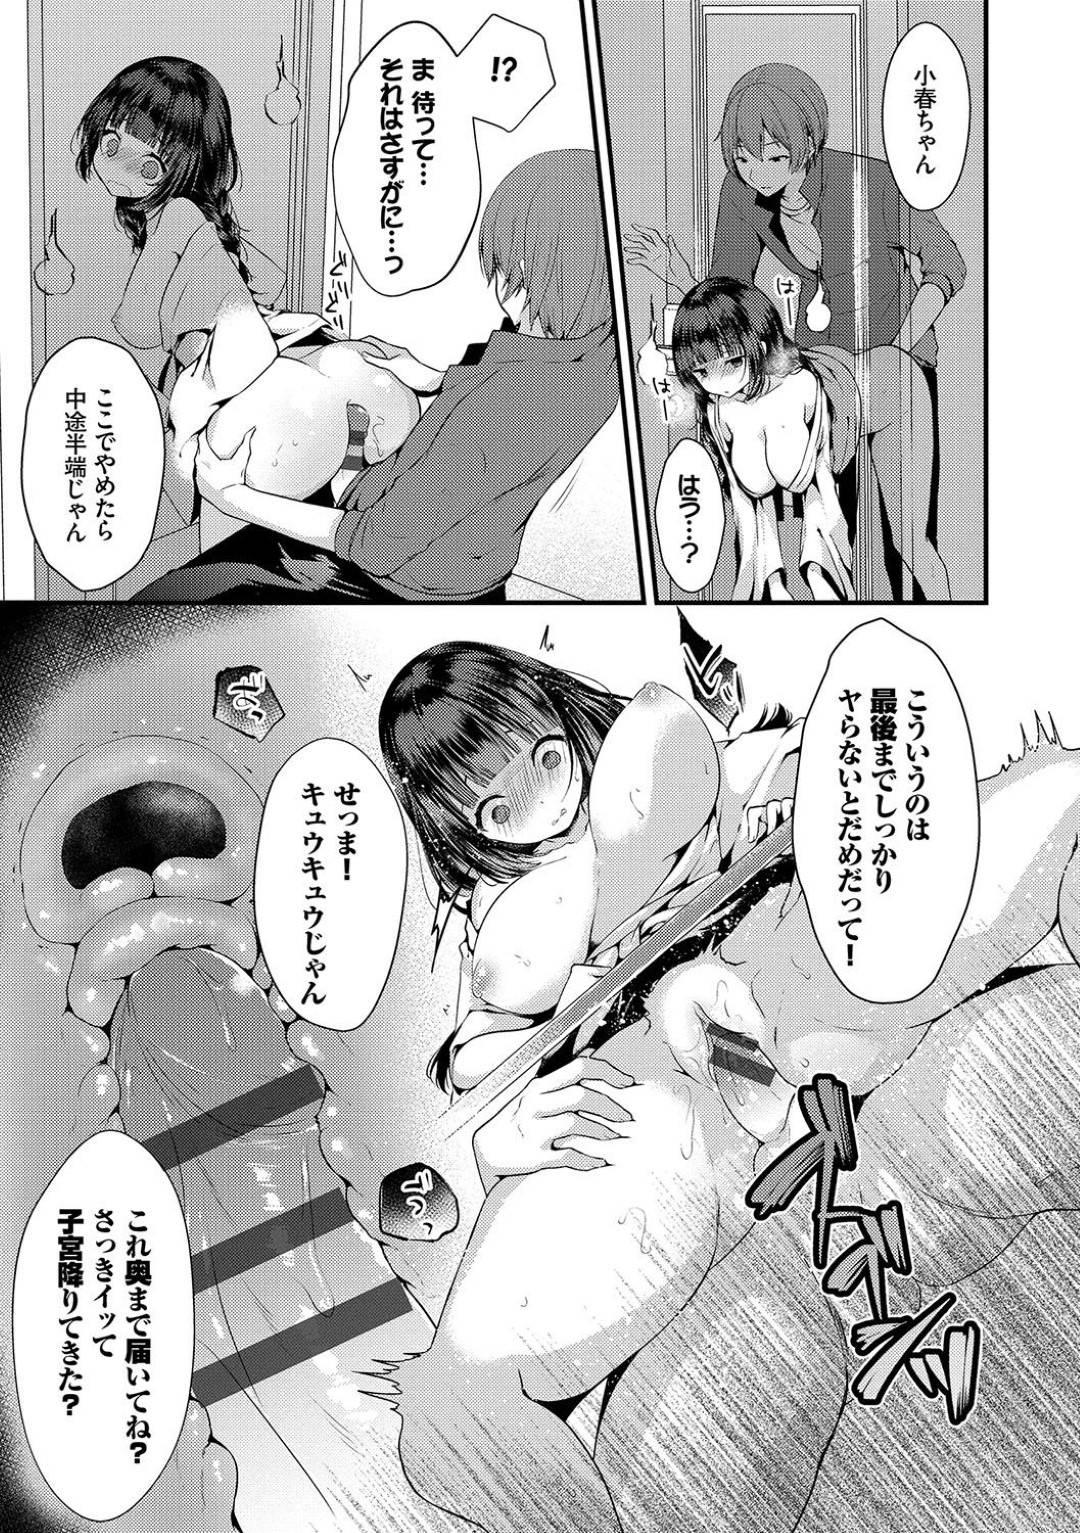 【エロ漫画】助けを求めて寝ている男性の枕元に現れた巨乳美少女幽霊…まずは幽霊ということを信じてもらうために玄関から通り抜けてみせるが、尻壁状態になってしまう!ノーパンで手マンされ大量潮吹き!さらにチンポを挿入され中出しトロ顔絶頂!【まれお】